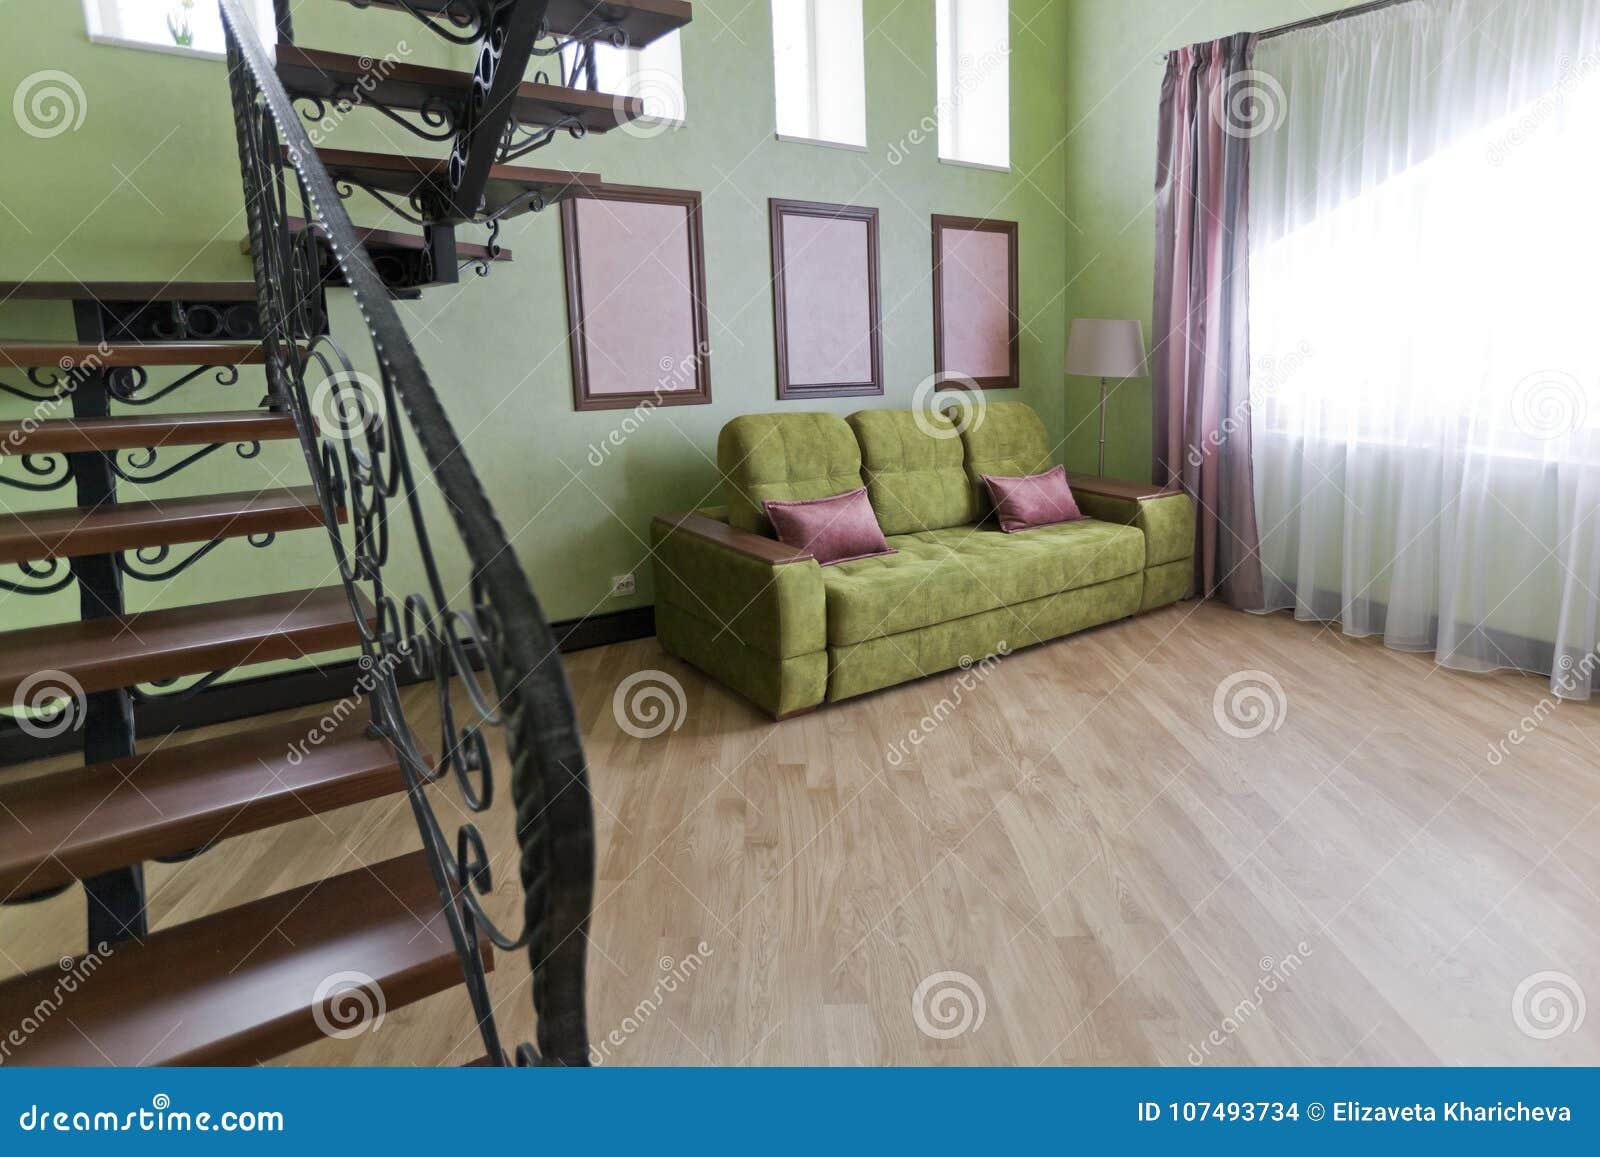 Wenteltrap In Woonkamer : Binnenland met een metaal zwarte trap met houten stappen en een